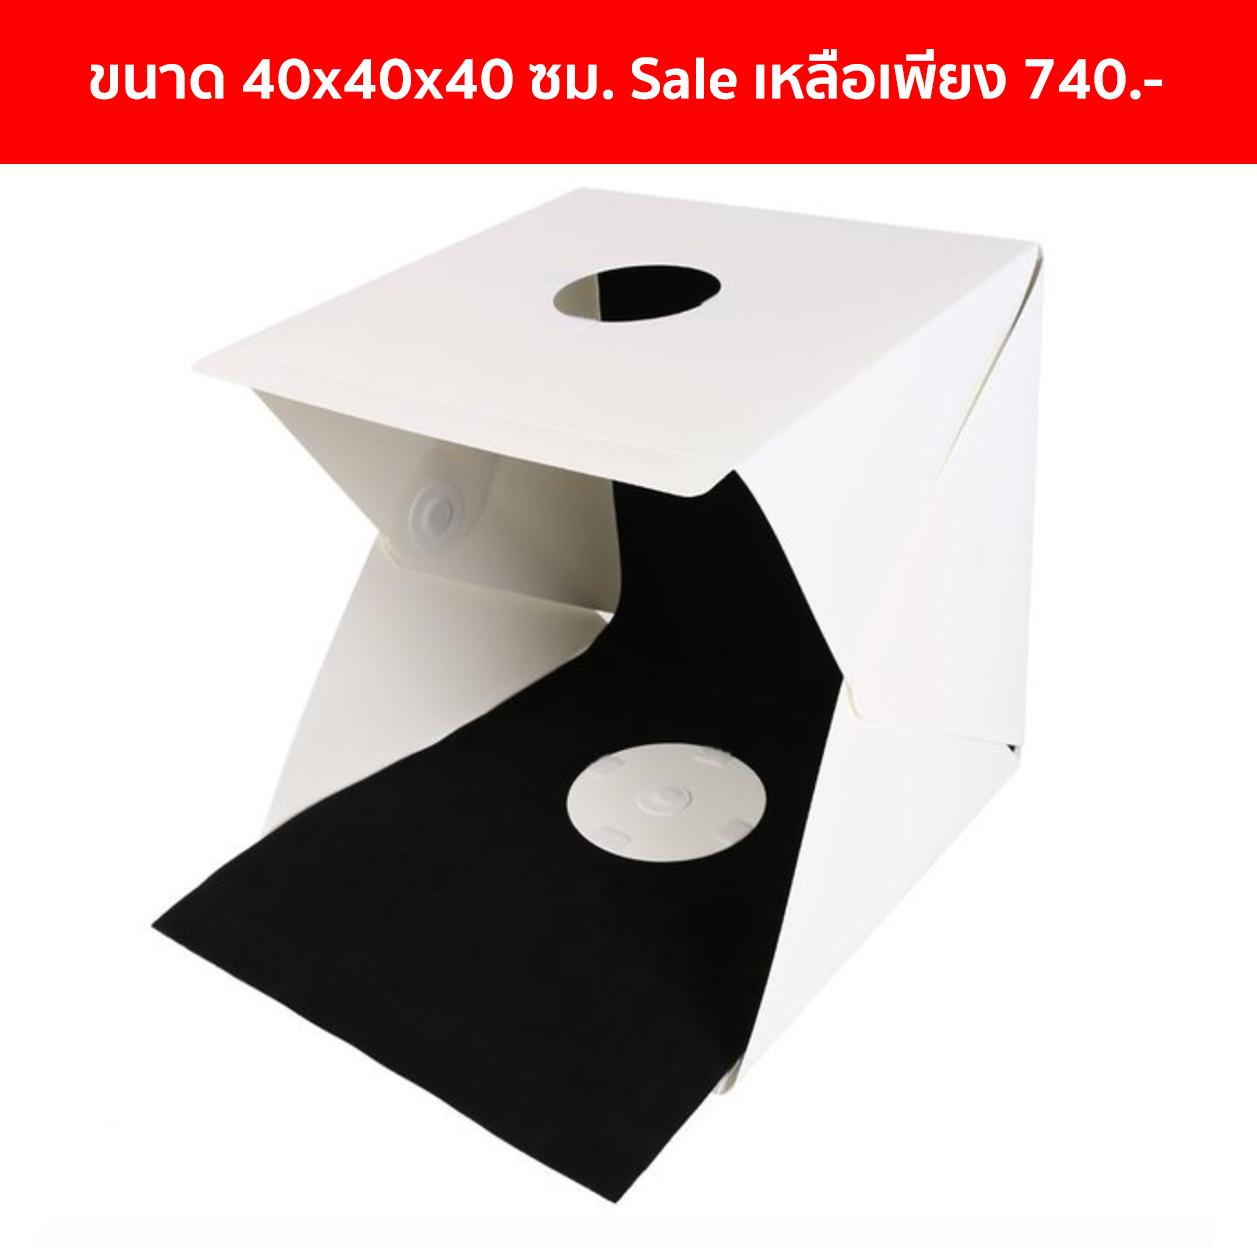 [พร้องส่ง] กล่องสตูดิโอถ่ายภาพแบบพกพา ขนาด 40 ซม.